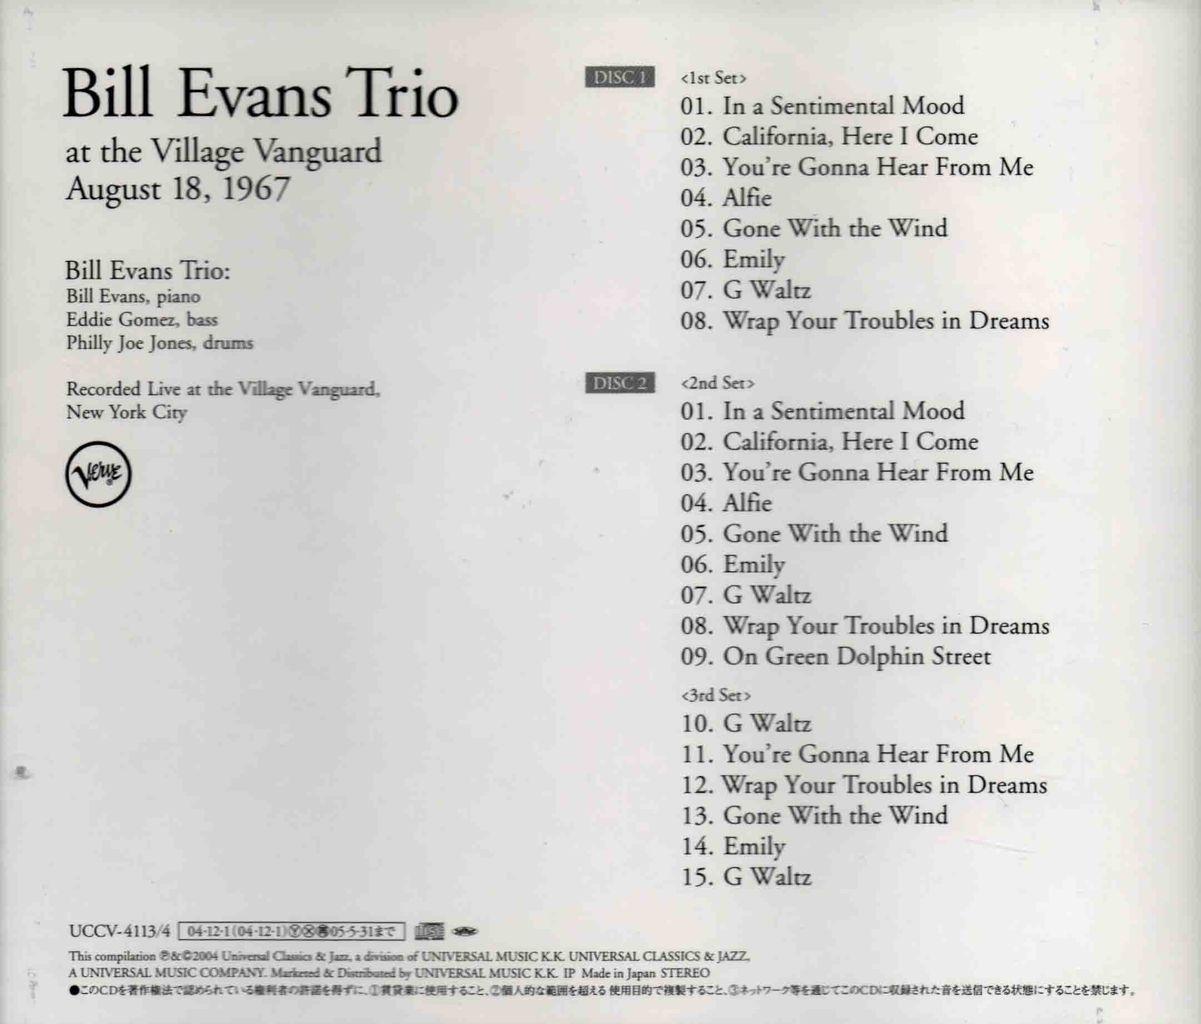 BILL EVANS TRIO AT THE VILLAGE VANGUARD - AUGUST 18, 1967-2